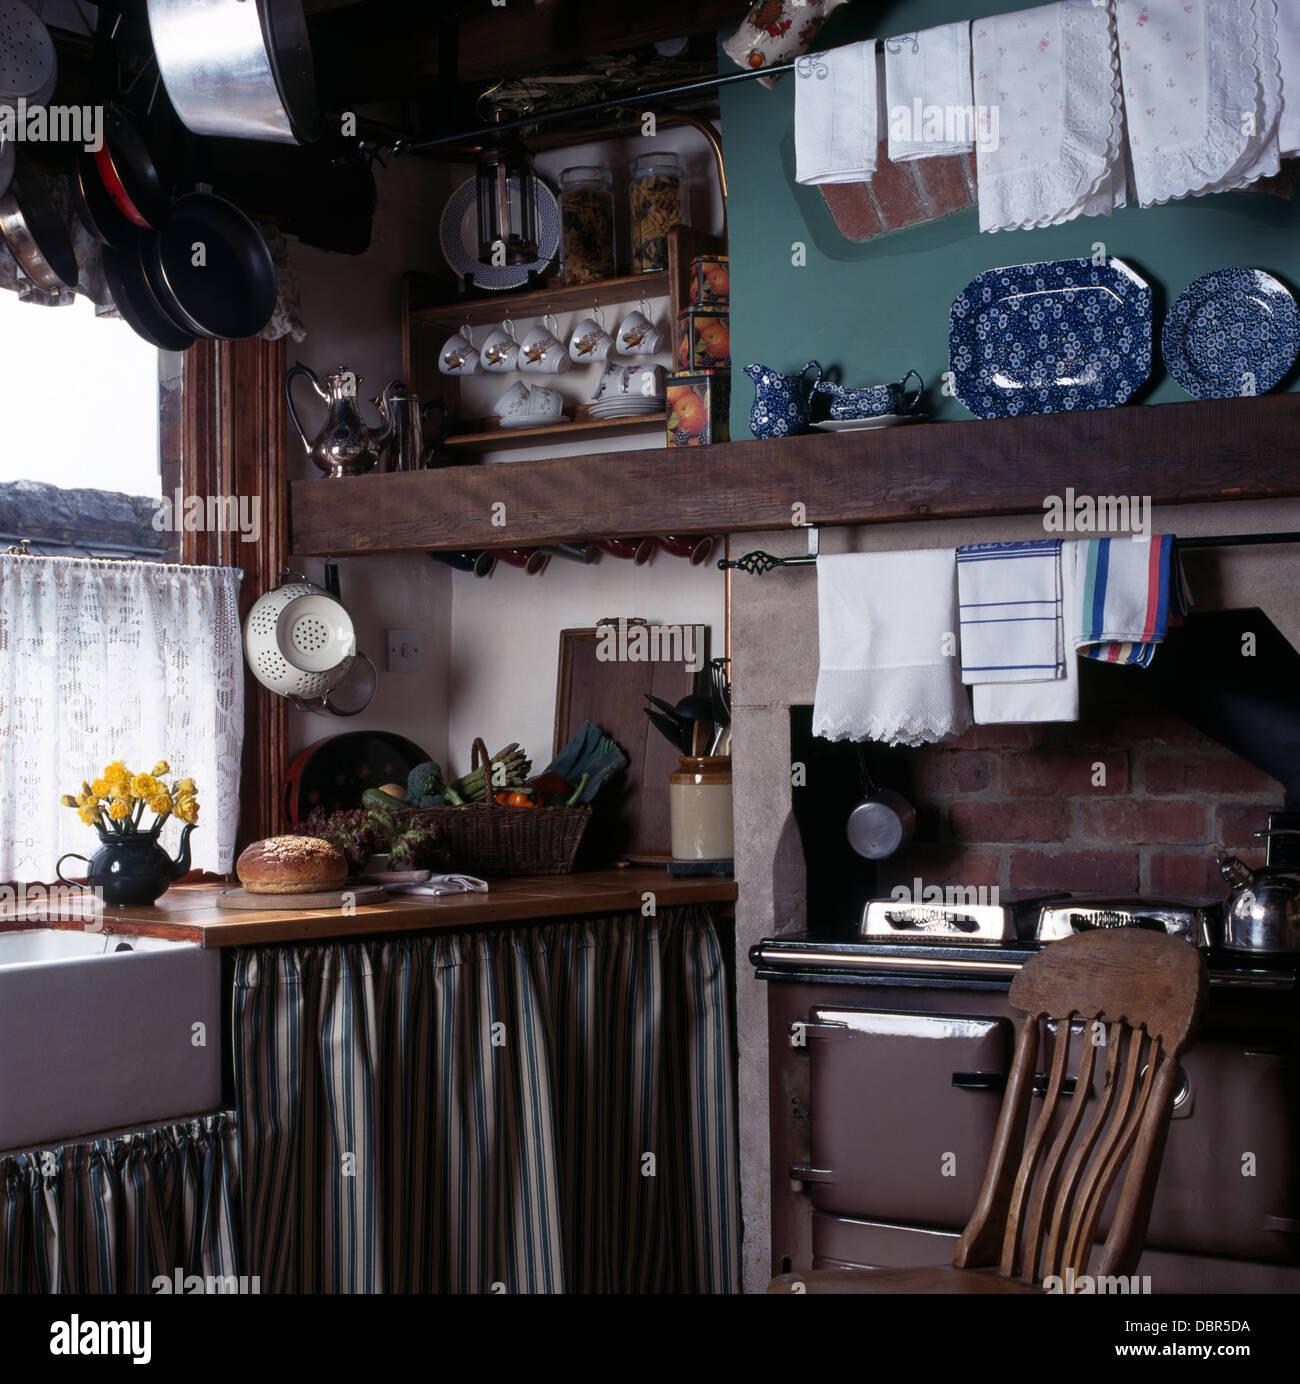 Gestreifte Vorhänge an Einheiten in kleinen Cottage-Küche mit Leinen ...